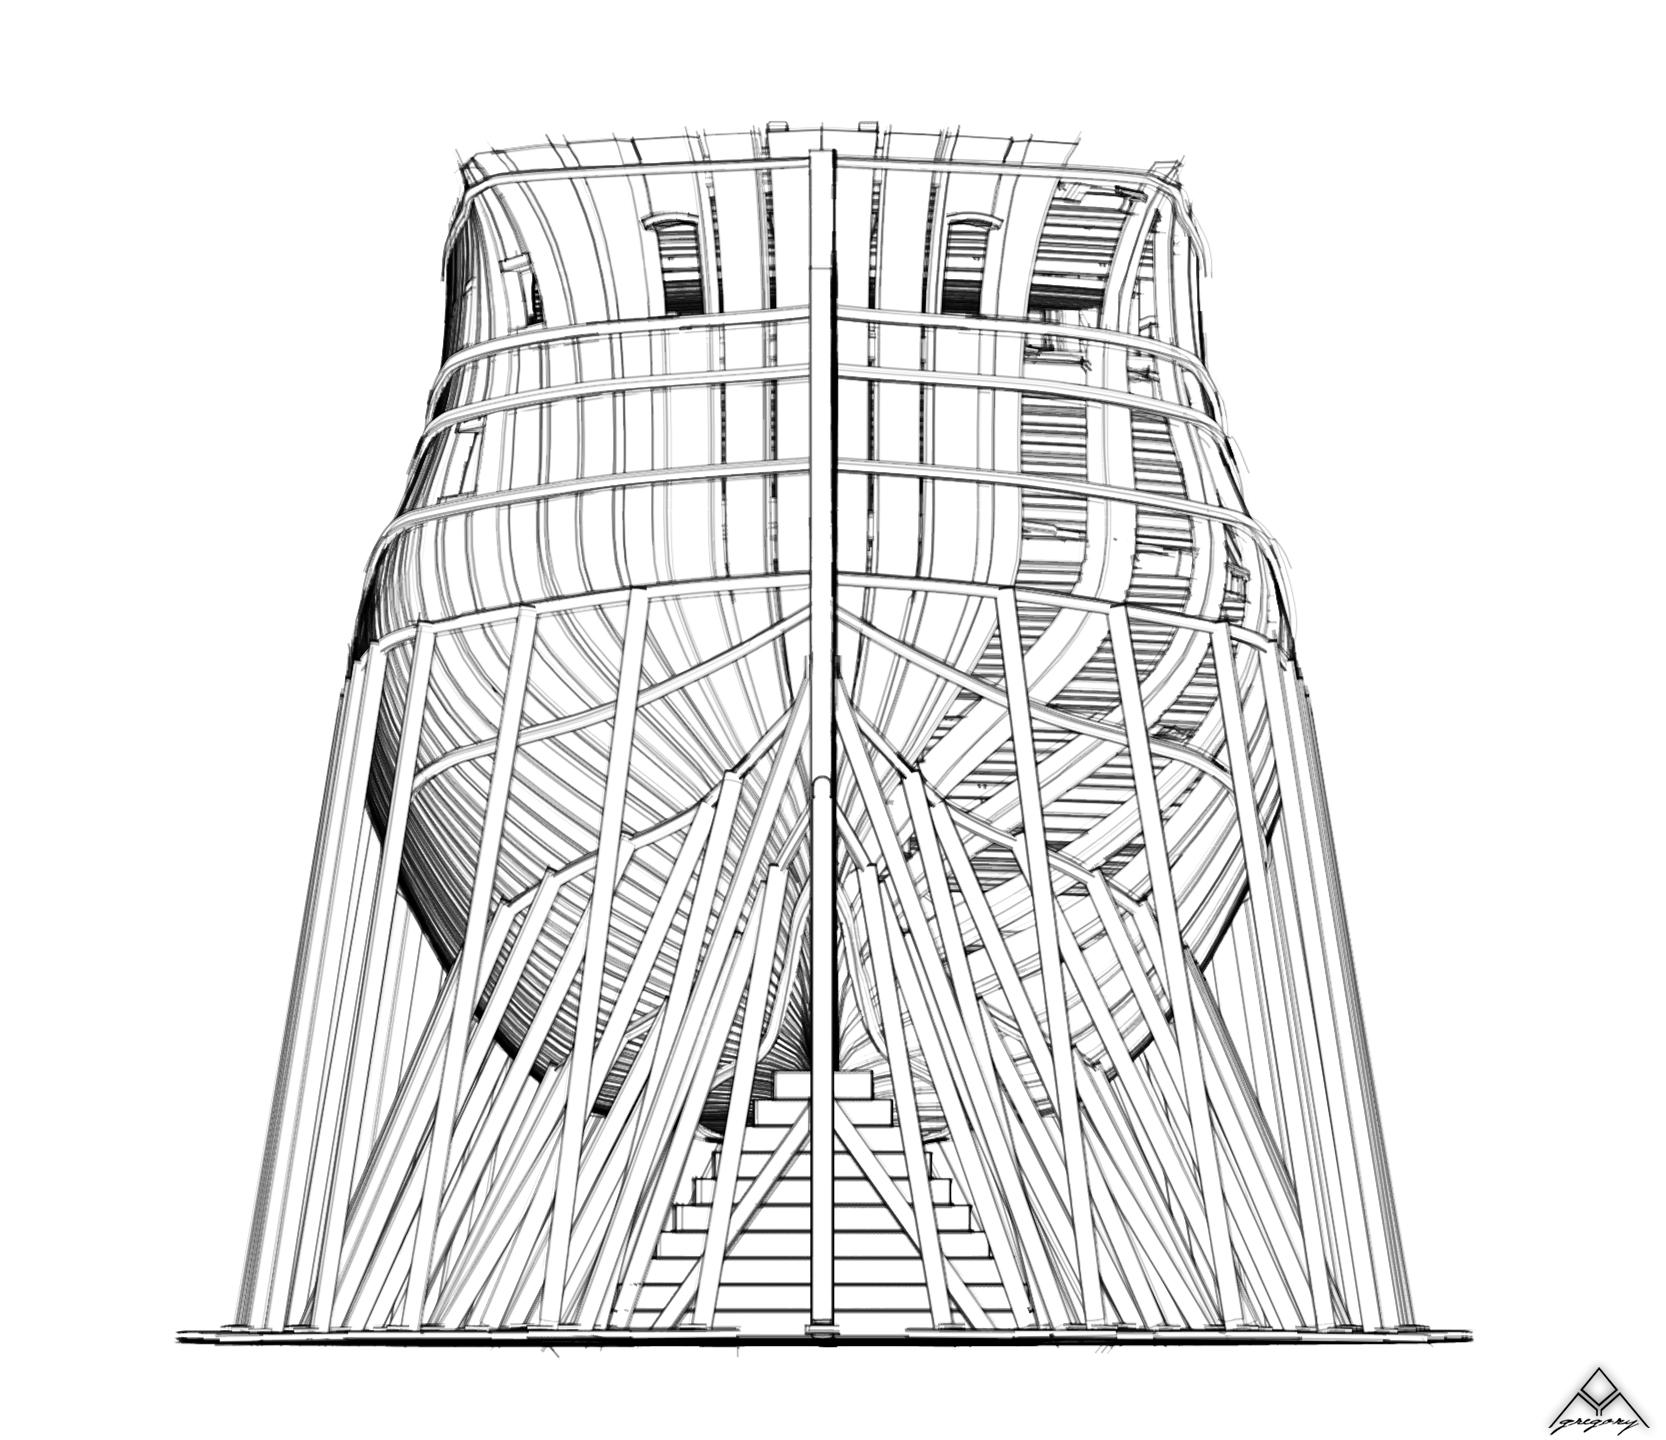 Vaisseau 74 canons Lucide [Création 3D] de Greg_3D - Page 17 Navire12